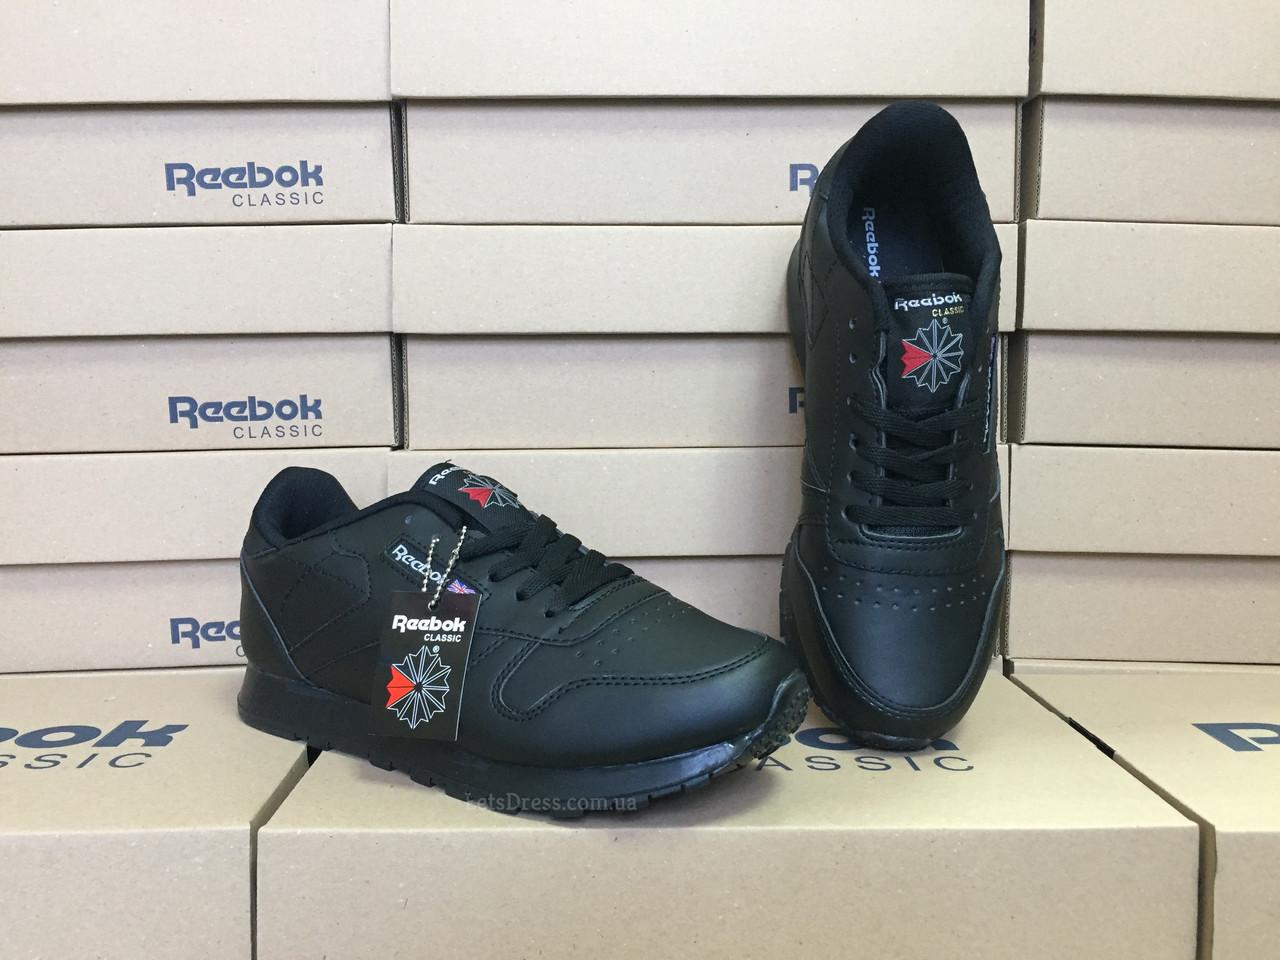 ed6ddef3 Мужские кроссовки Reebok Classic black Рибок Классик черные -  LetsDress-Shop в Днепре